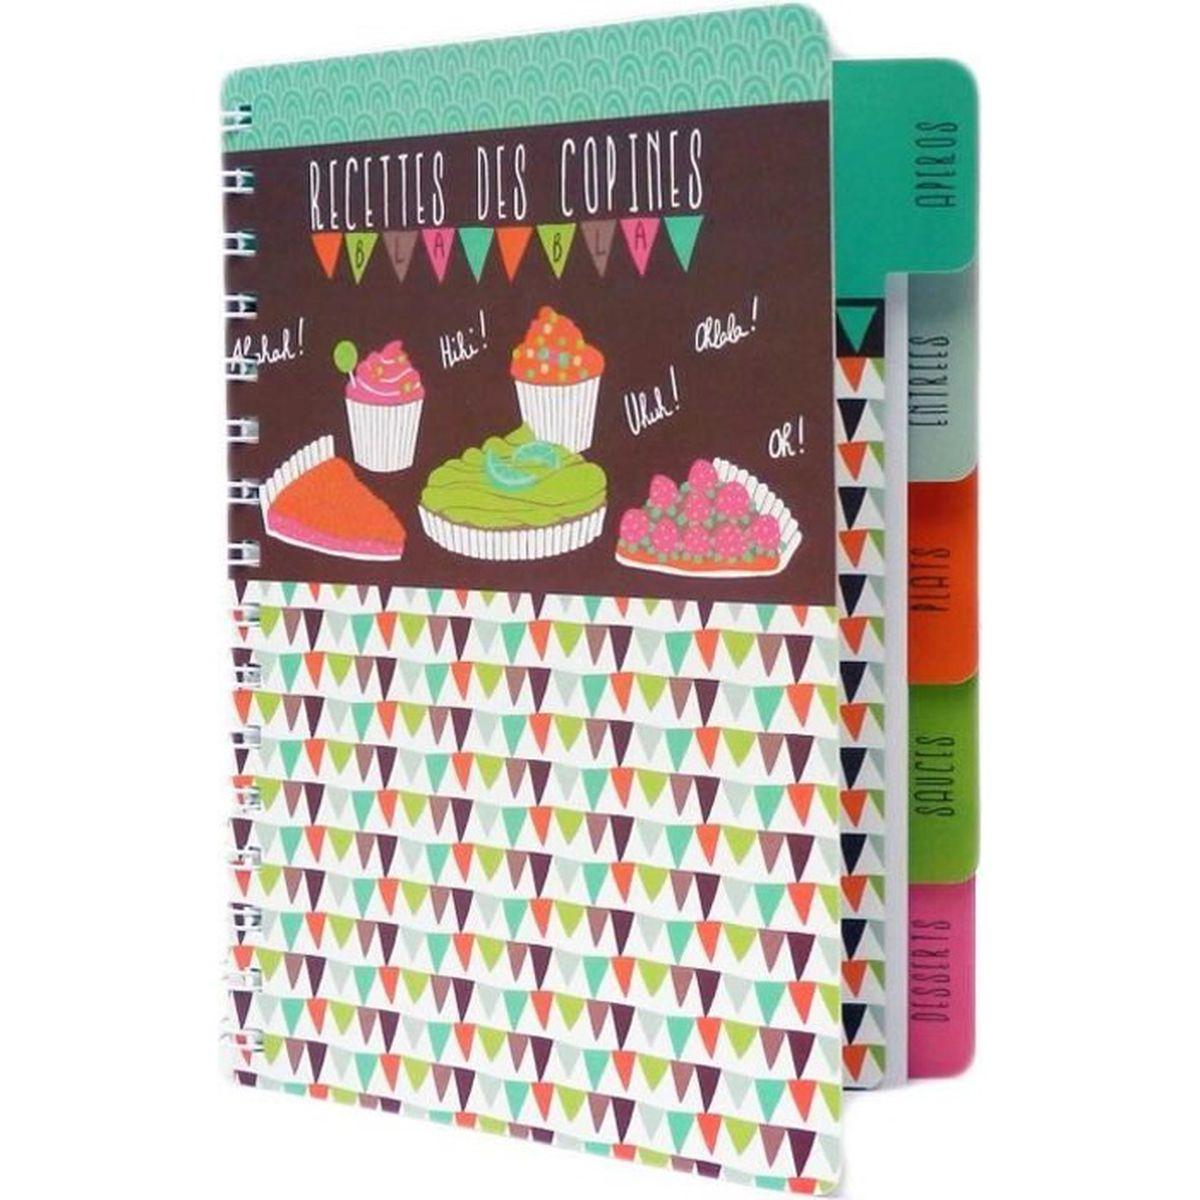 cahier vierge de cuisine recettes des copines carnet id e cadeau original humoristique pour. Black Bedroom Furniture Sets. Home Design Ideas